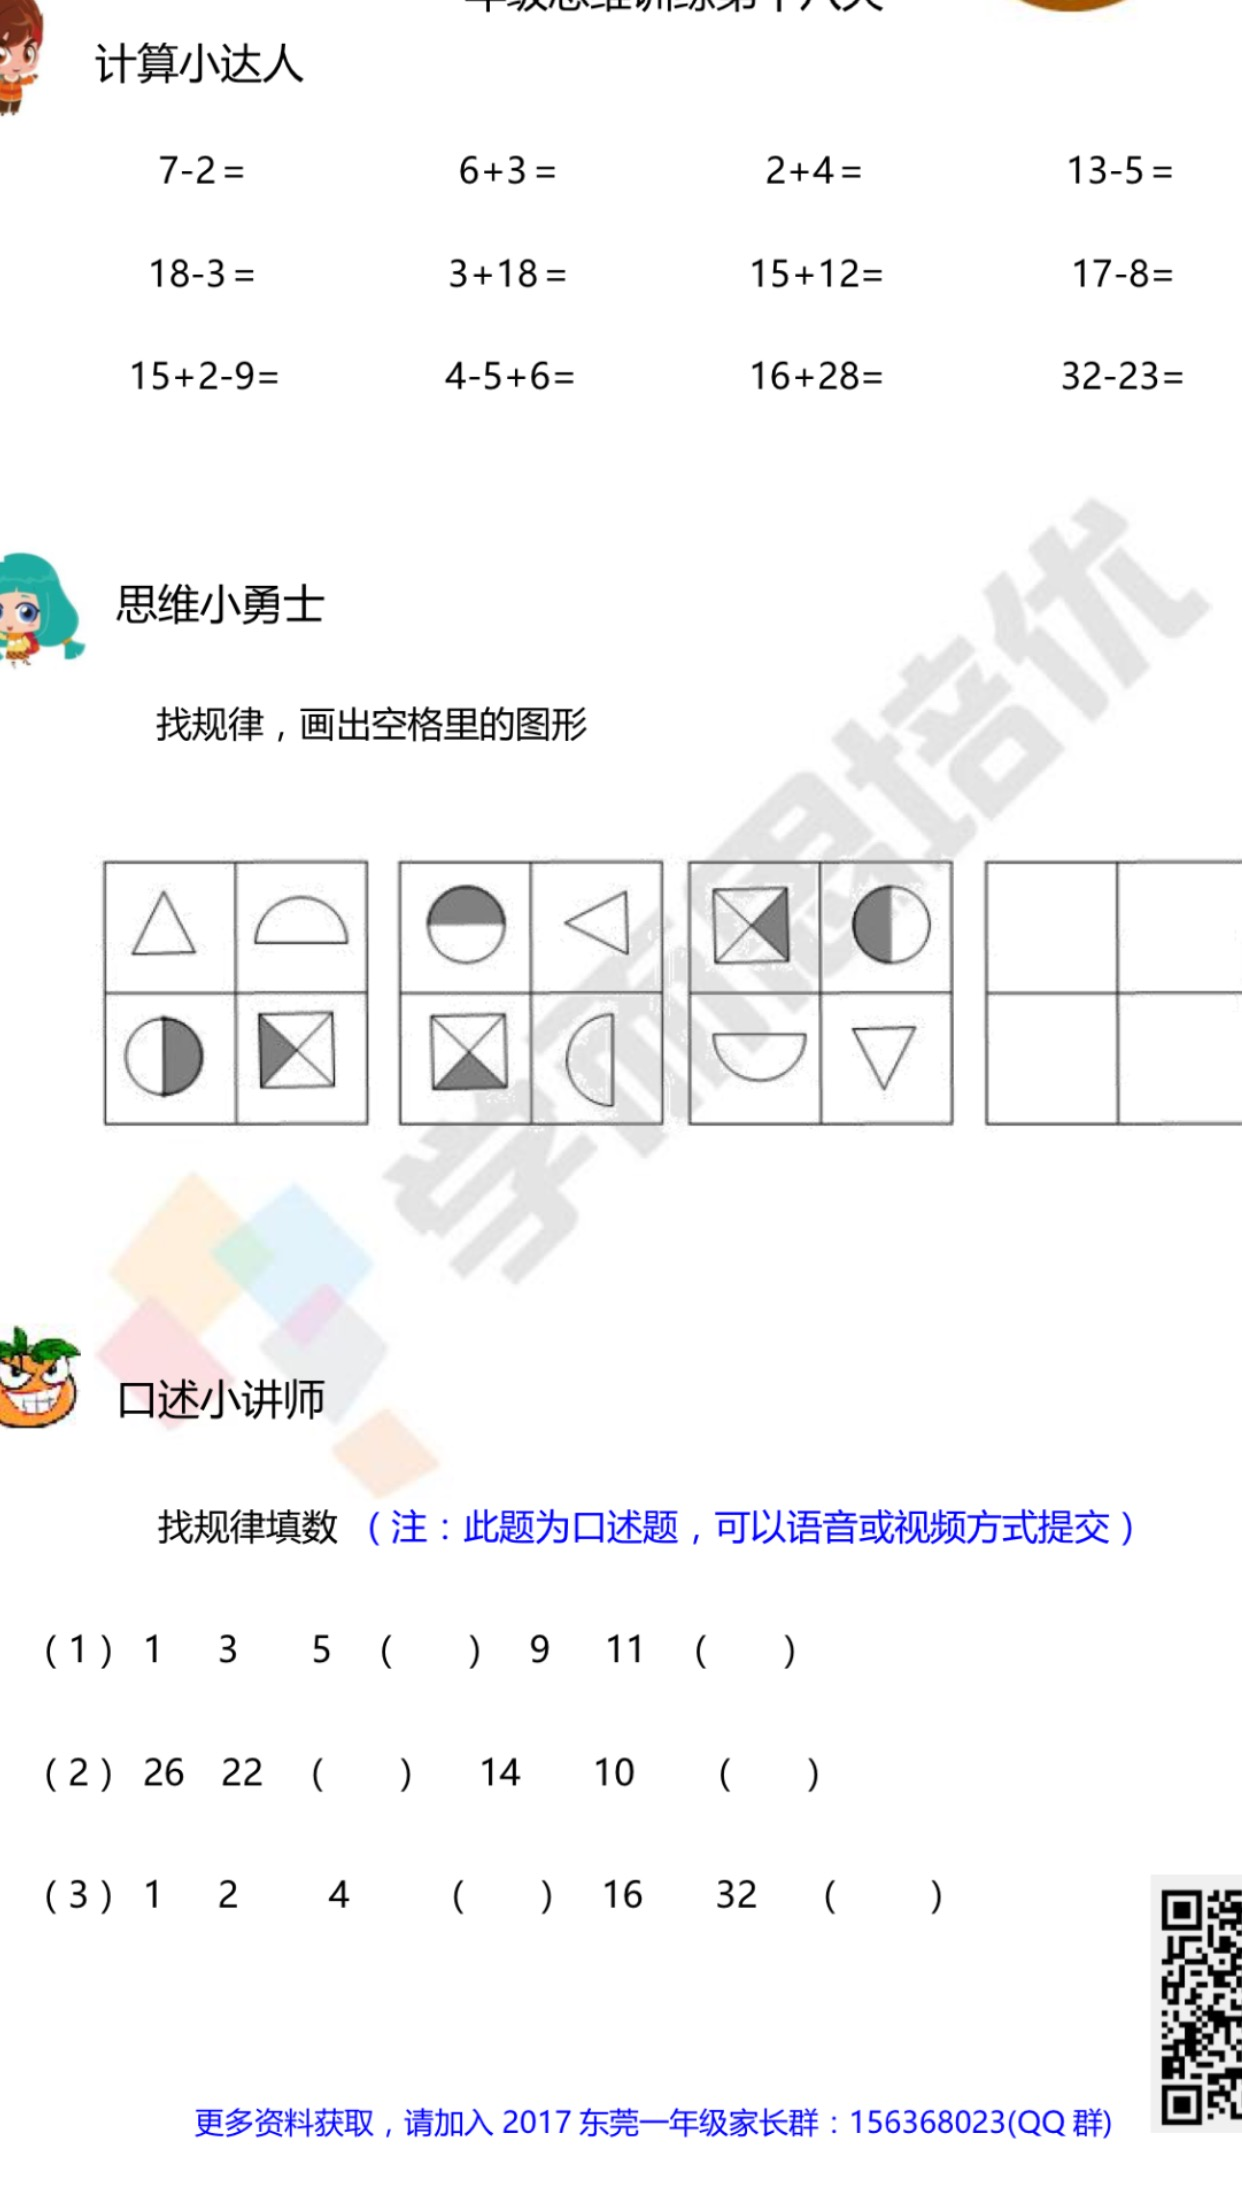 C6E003F7-2ACD-4D44-A4F3-448B579E72BC.jpg